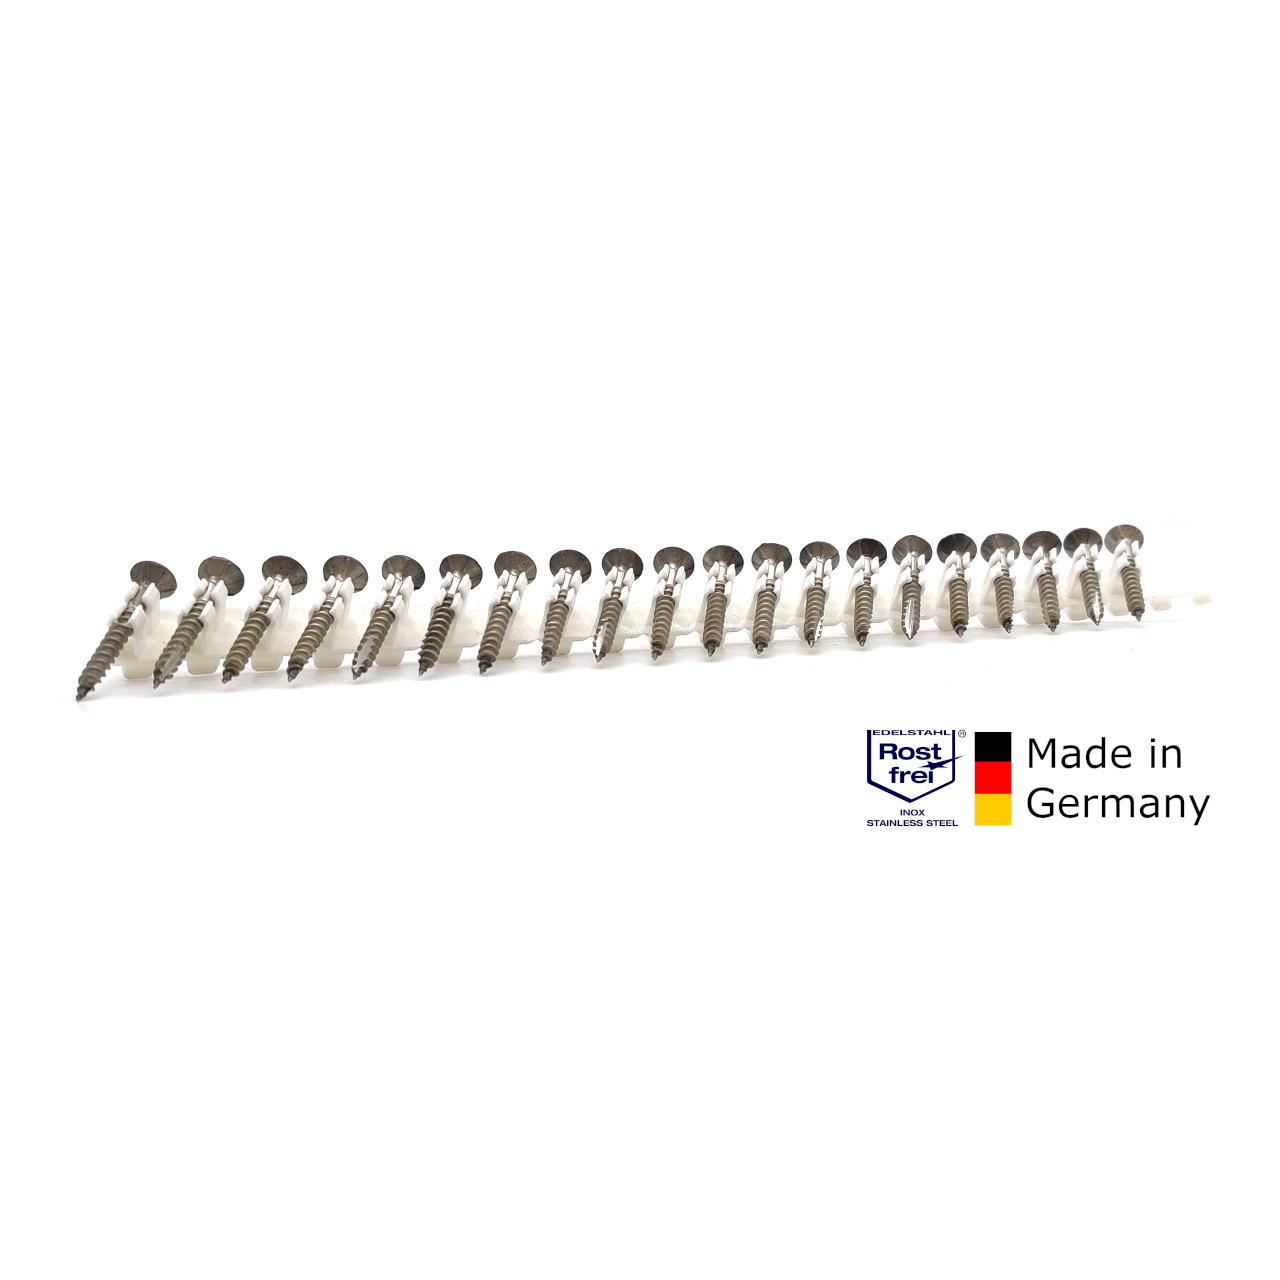 adunox-ONE-S Schieferschrauben | rostfrei A2 | gefärbt RAL 7016 | 4,0x32